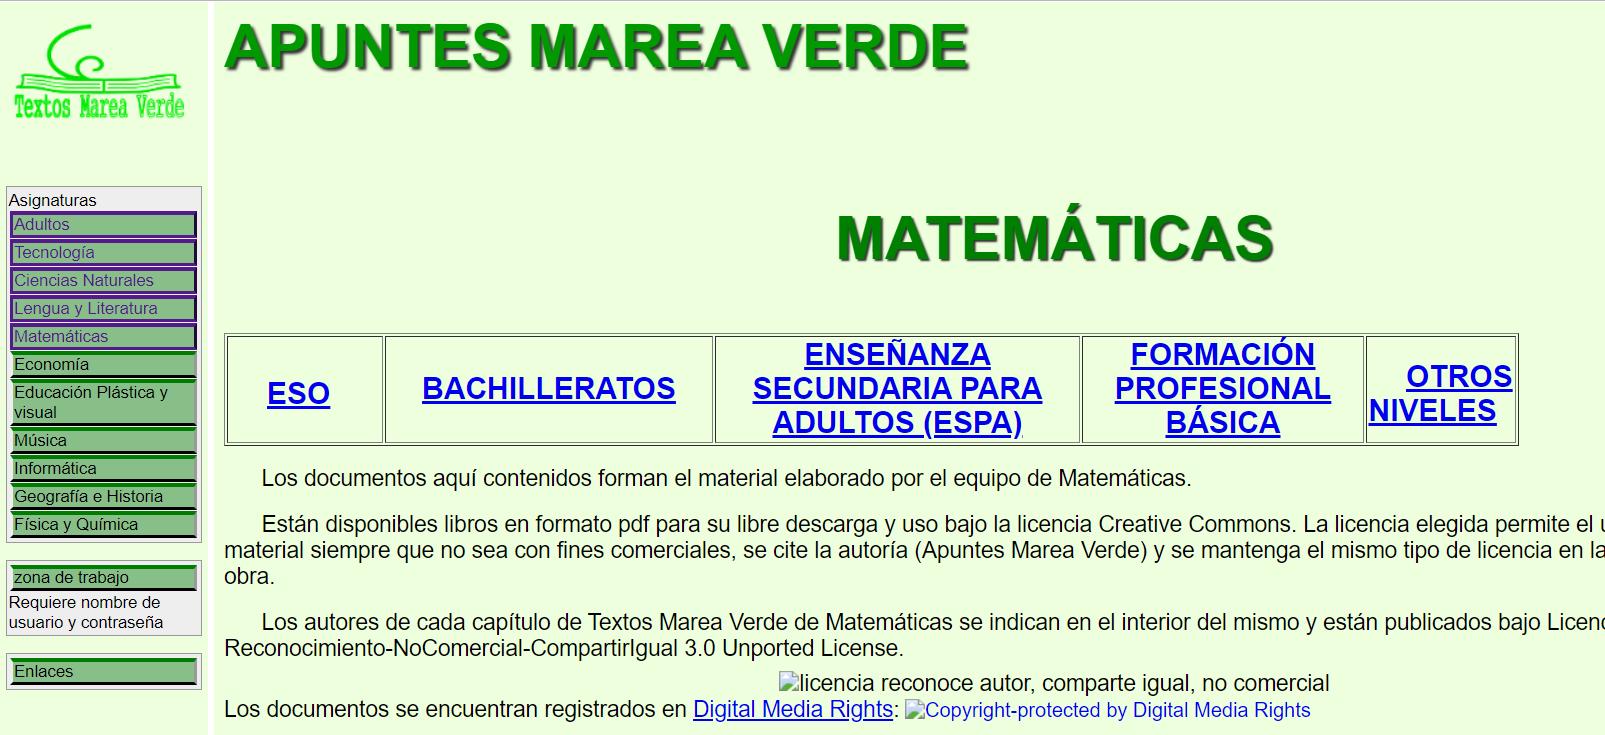 Apuntes marea verde - Descargar libros de texto gratis